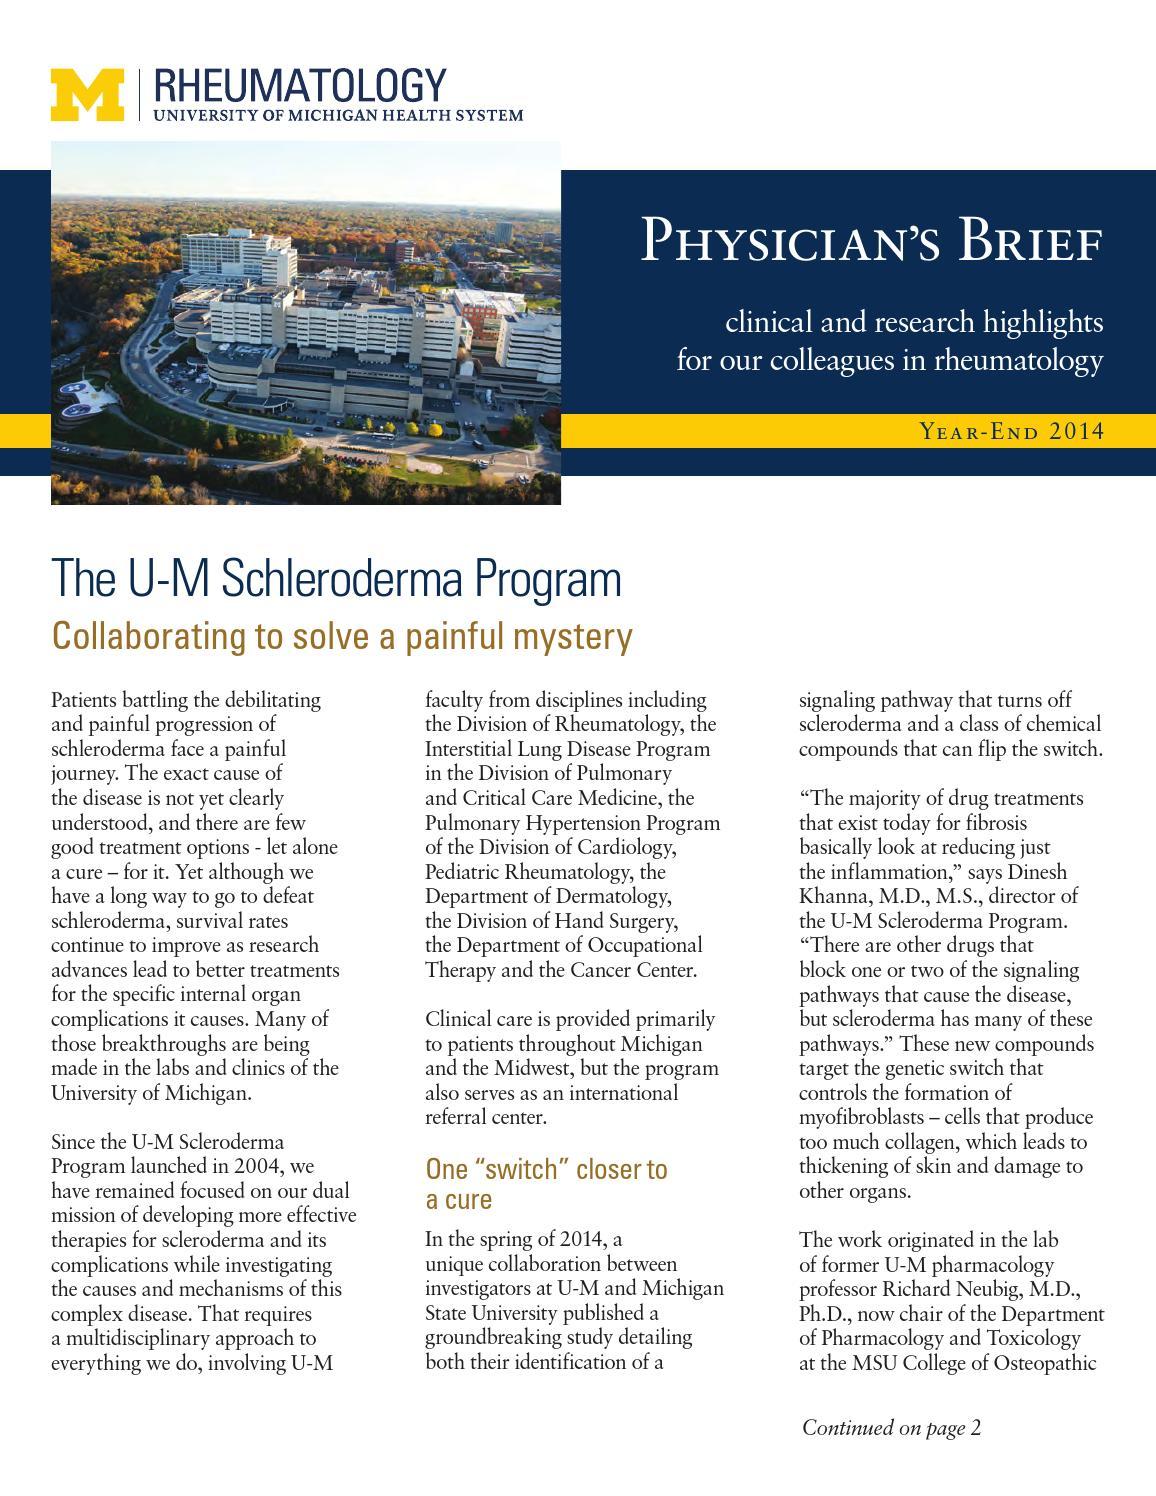 Physicians breif rheumatology dec14 by Michigan Medicine - issuu